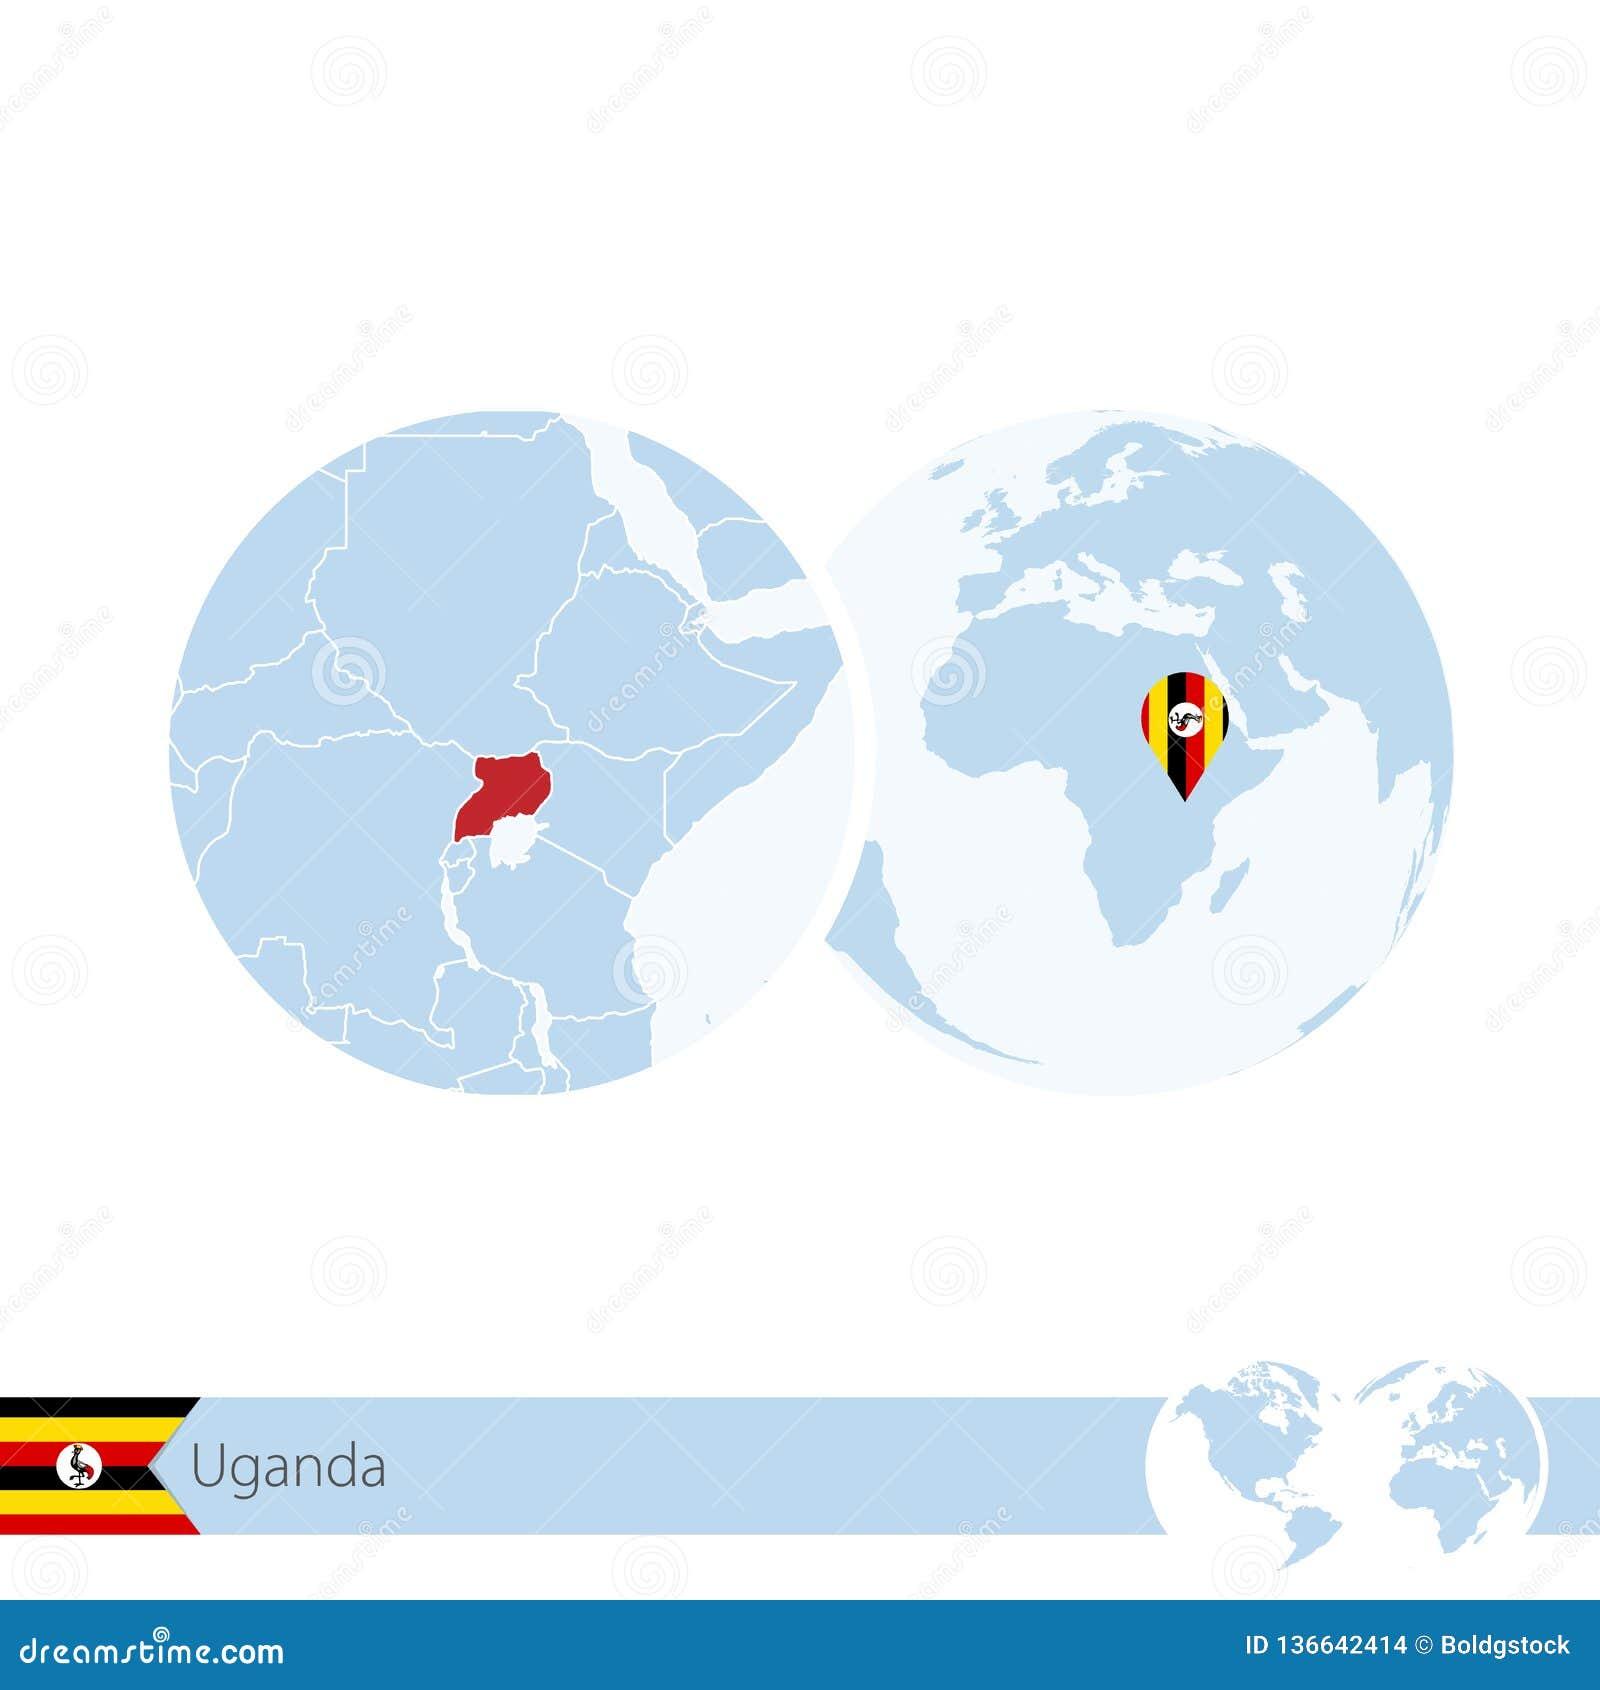 Uganda On World Globe With Flag And Regional Map Of Uganda ...